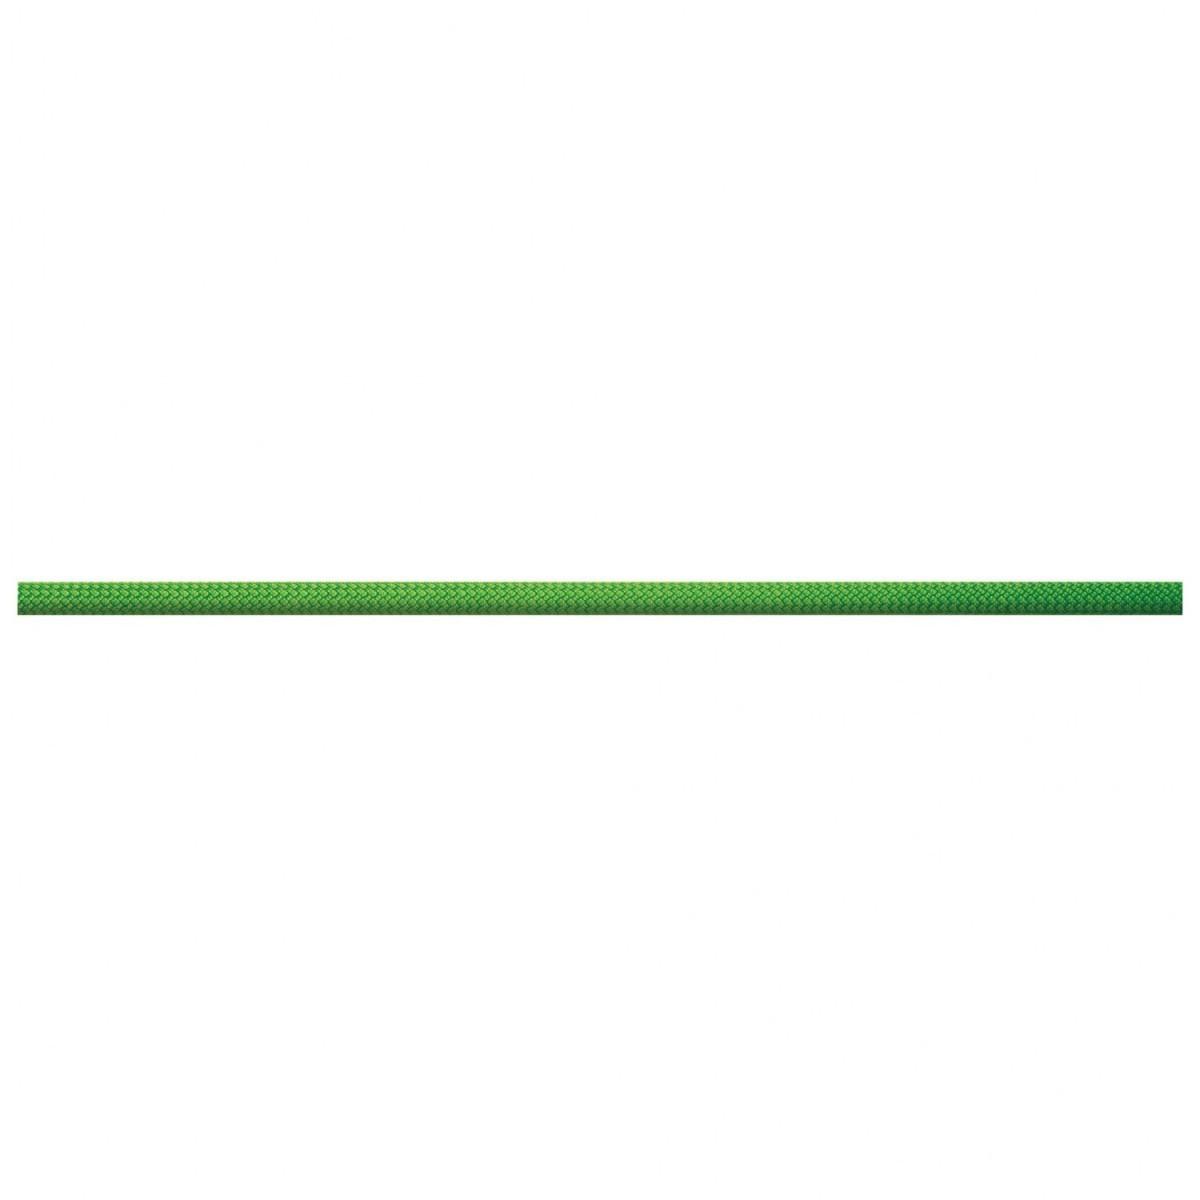 BEAL べアール Opera 8.5 mm(70m - Green)★ロープ・ザイル・登山・クライミング★